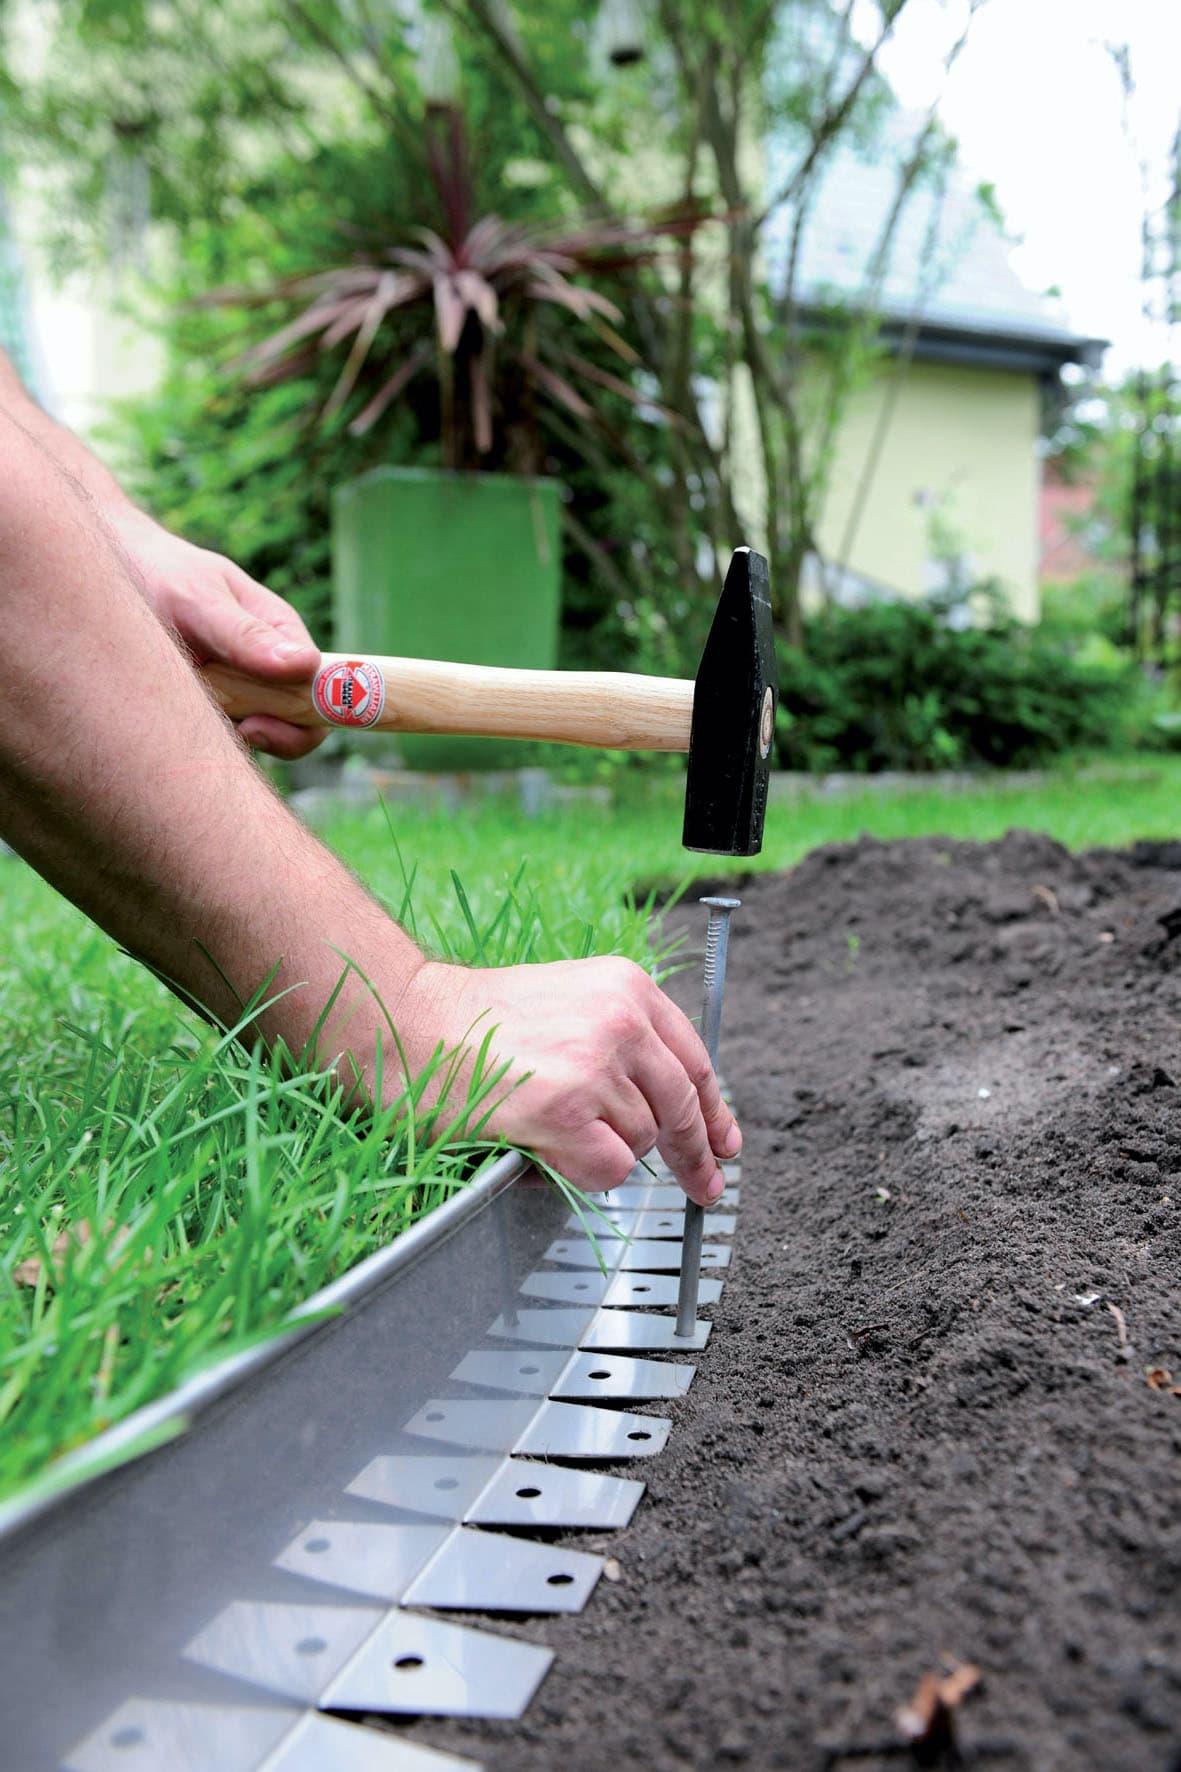 Установка бордюрной ленты не позволит повредить цветы на клумбе при покосе газонной травы